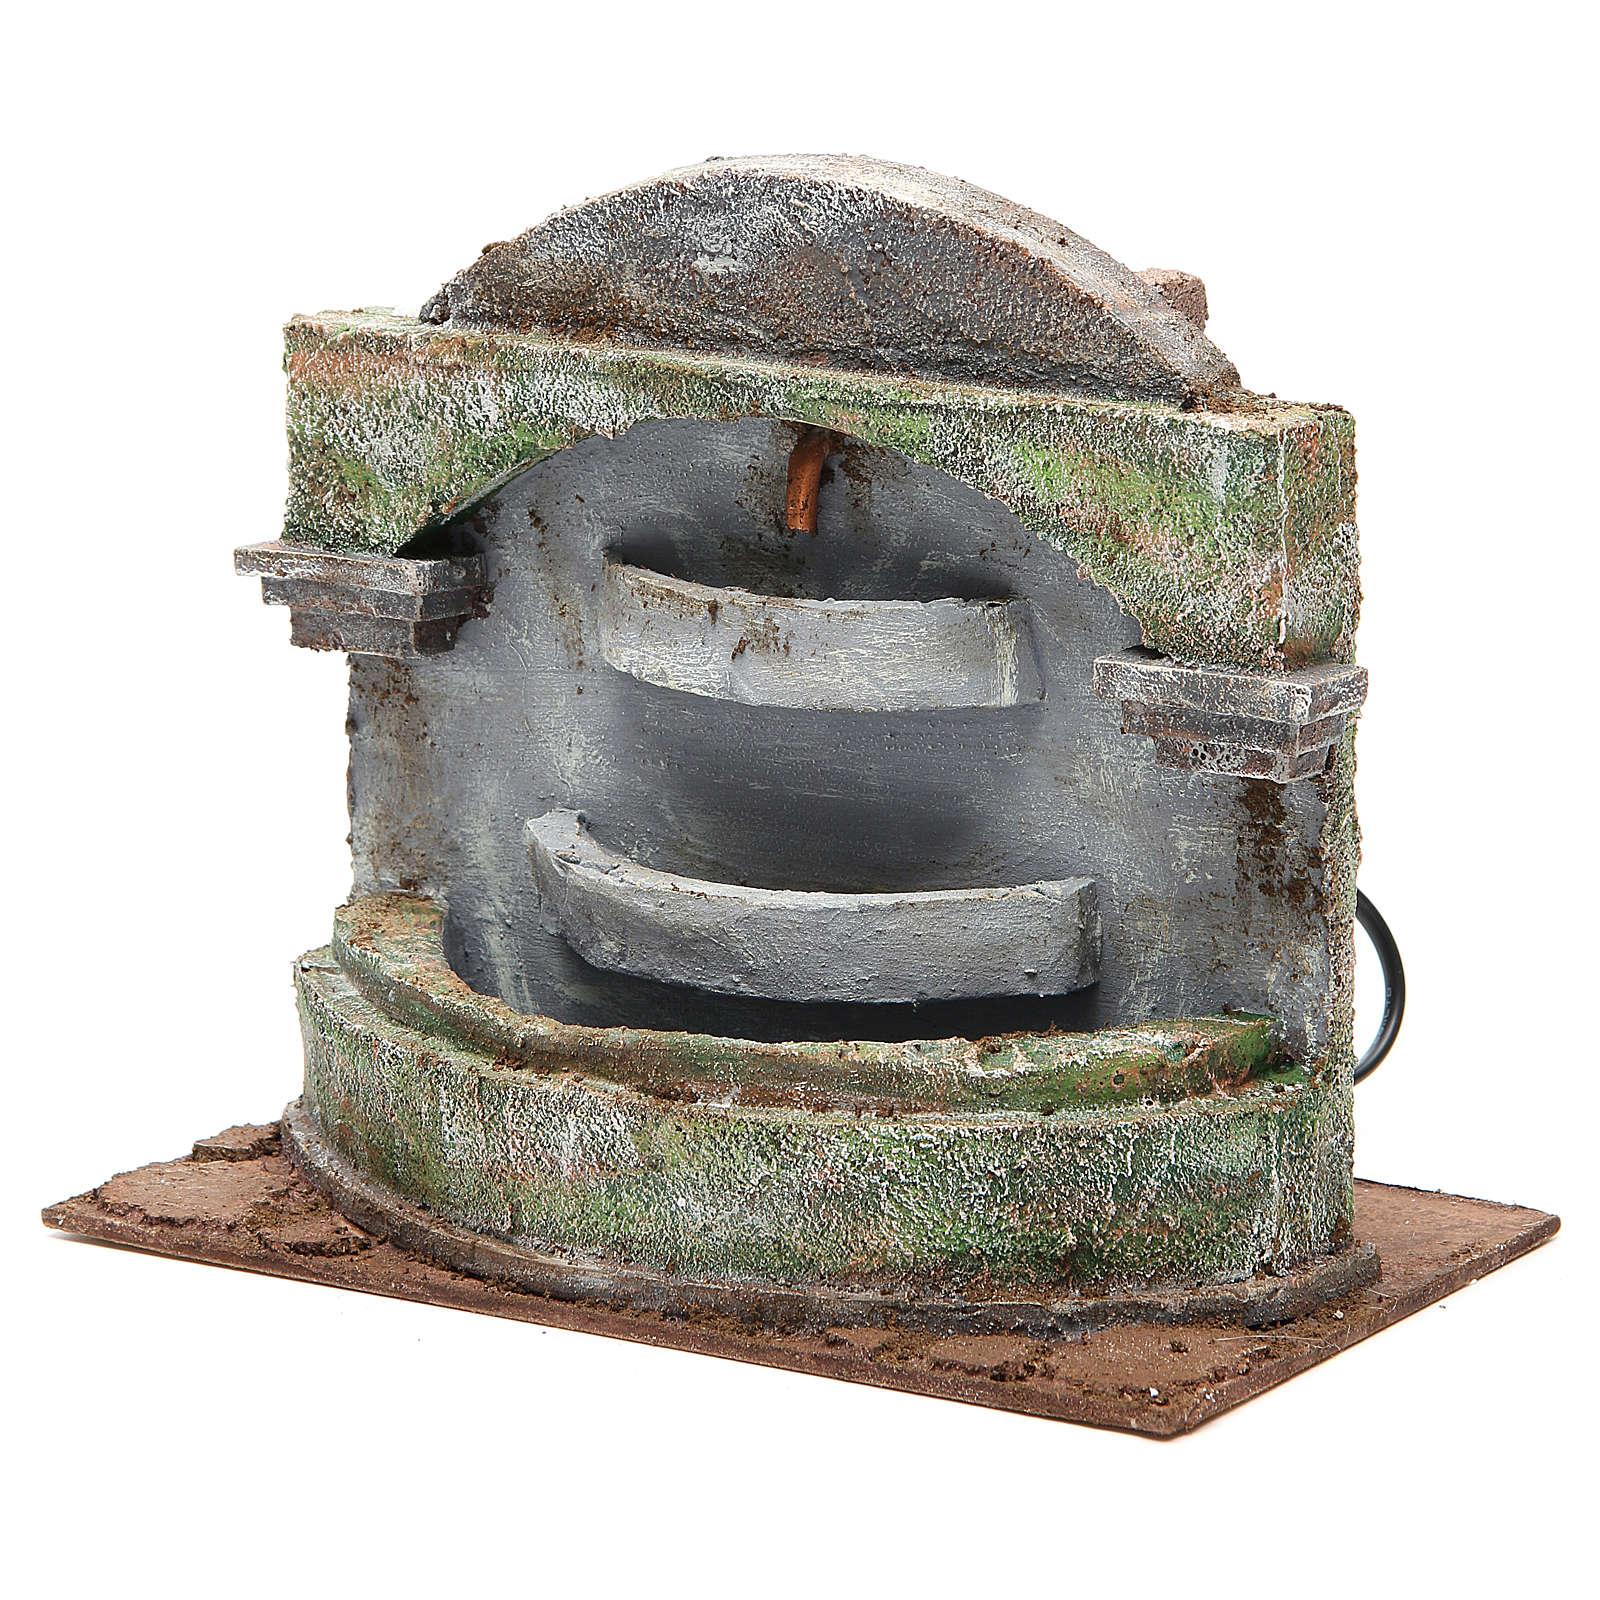 Fontaine crèche avec effet chutes d'eau 3 bassines 20x25x15 cm 4